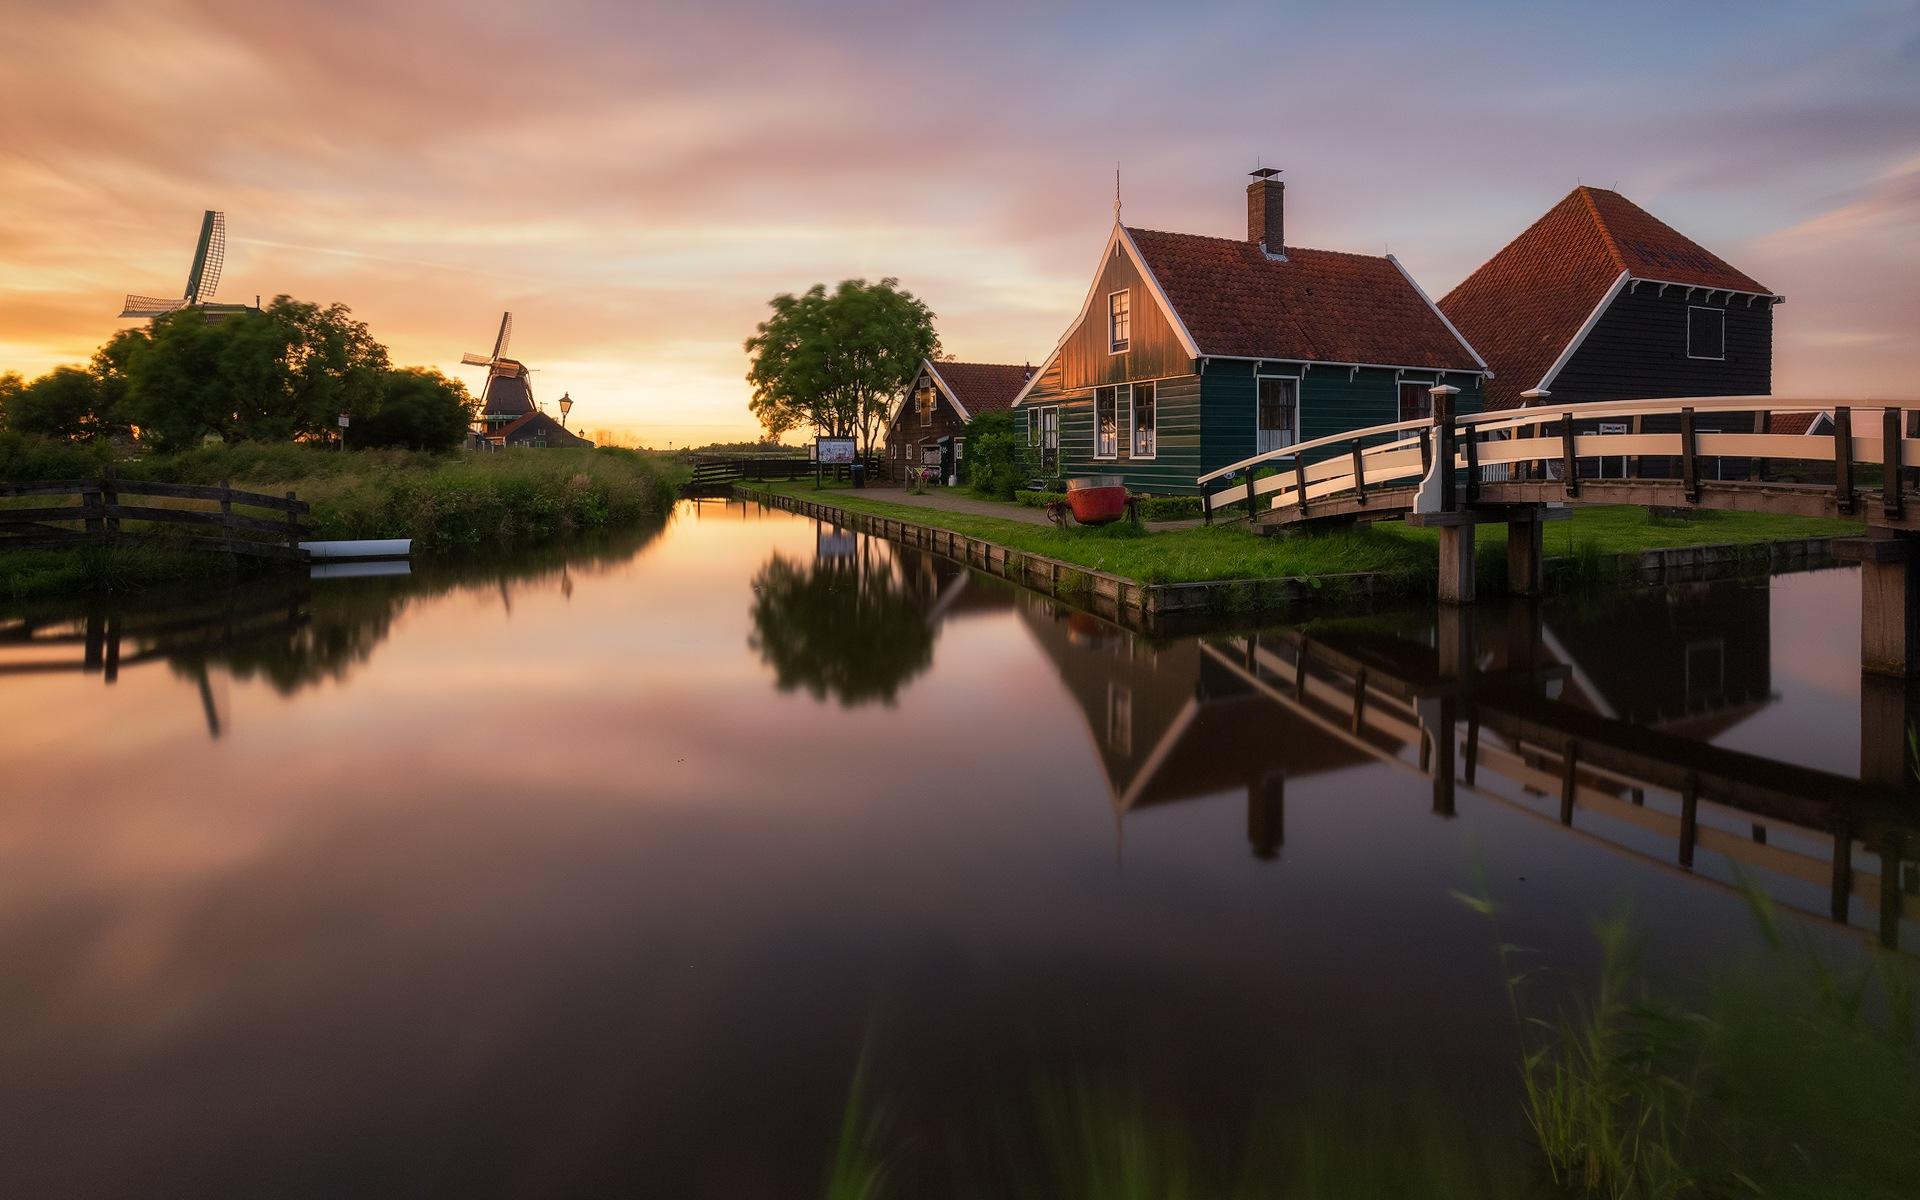 Zaanse Schans Sunset by Tomaž Klemenšak